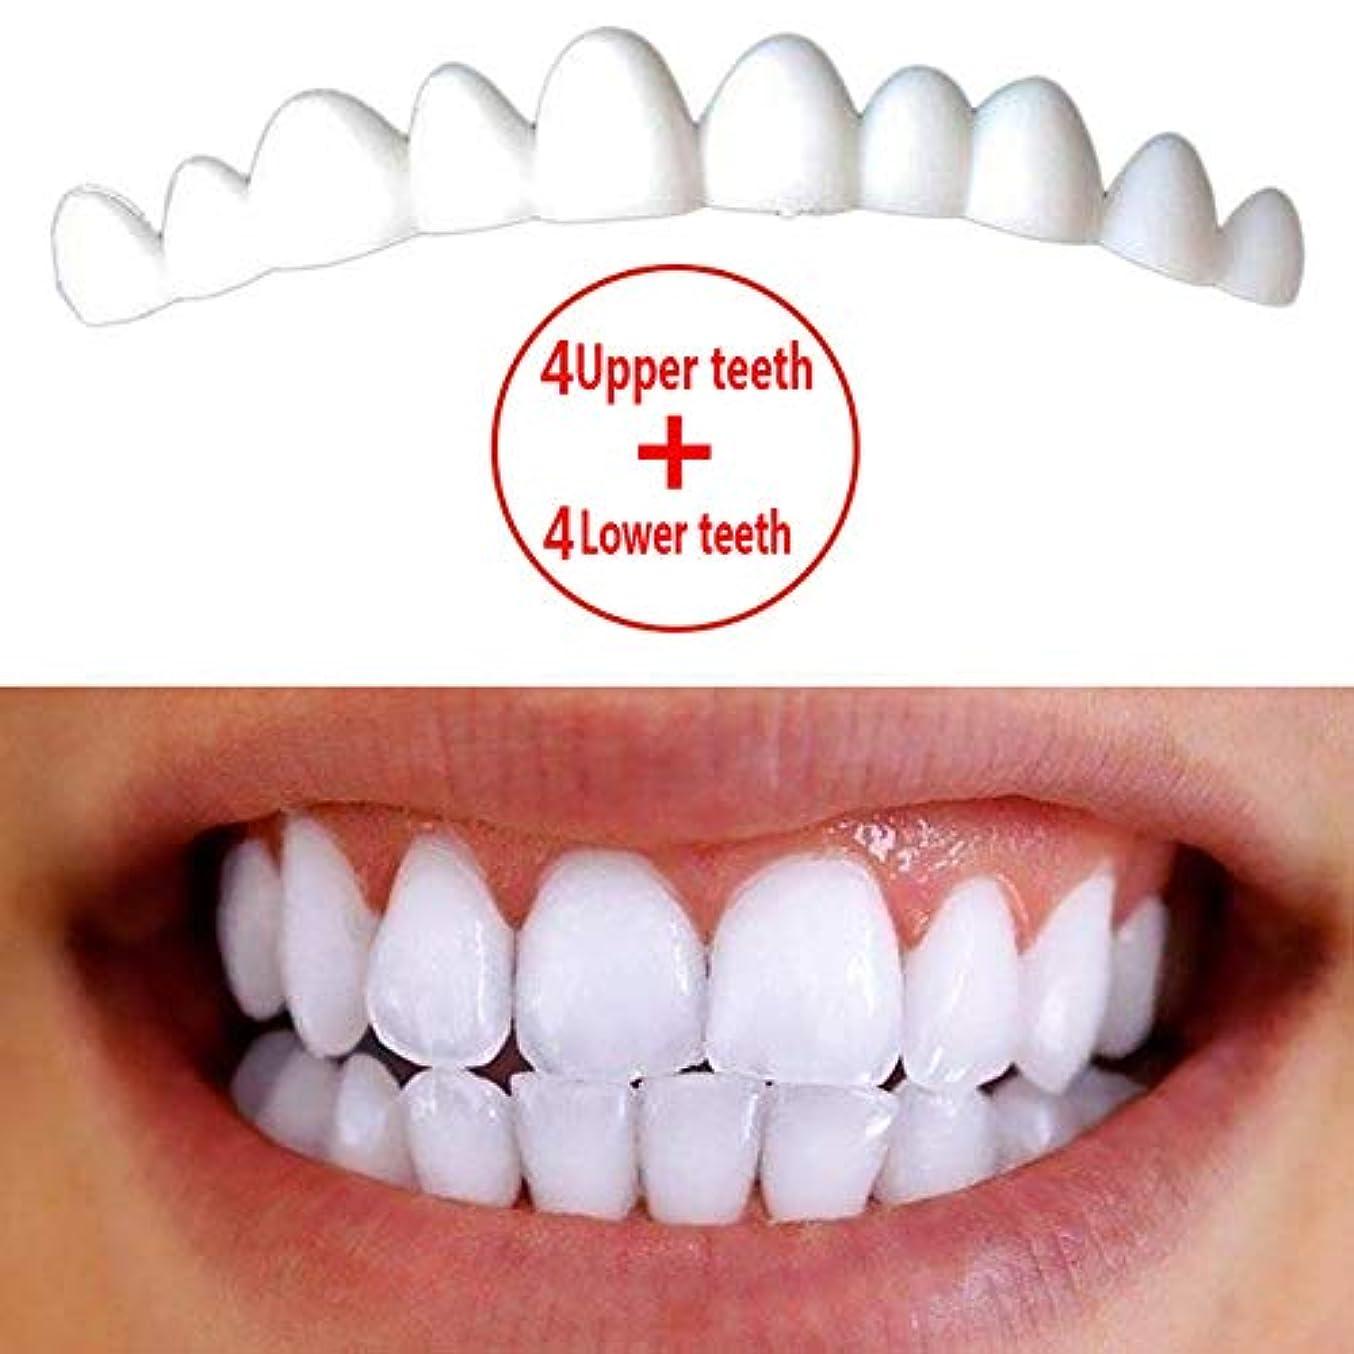 浮く装置ドアミラー上歯4本+下歯4本、パーフェクトスマイルコンフォートフィット新しいスナップオンフレックスフィットが最も快適な入れ歯